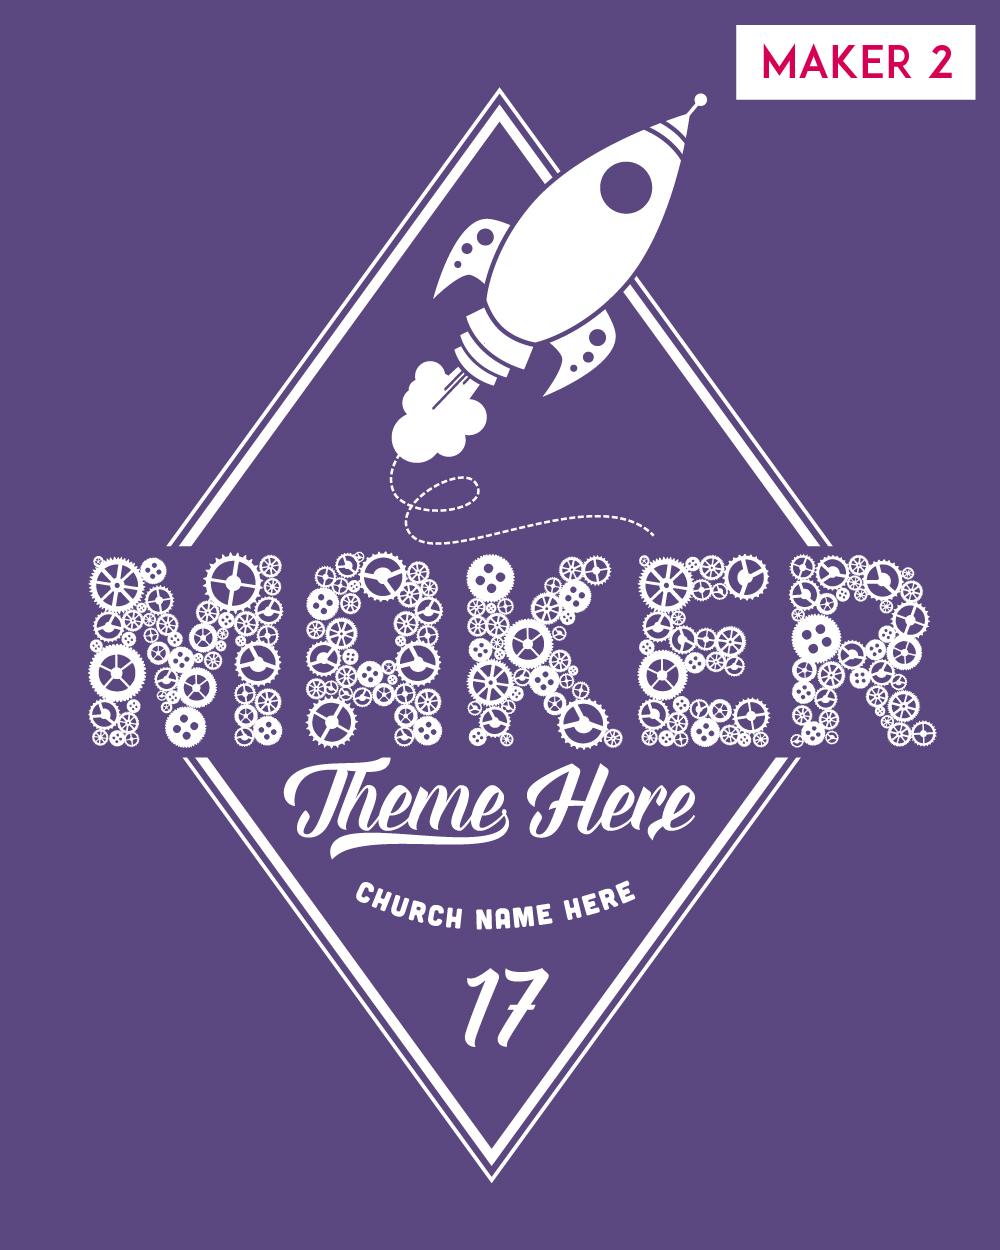 Maker 2-02.jpg